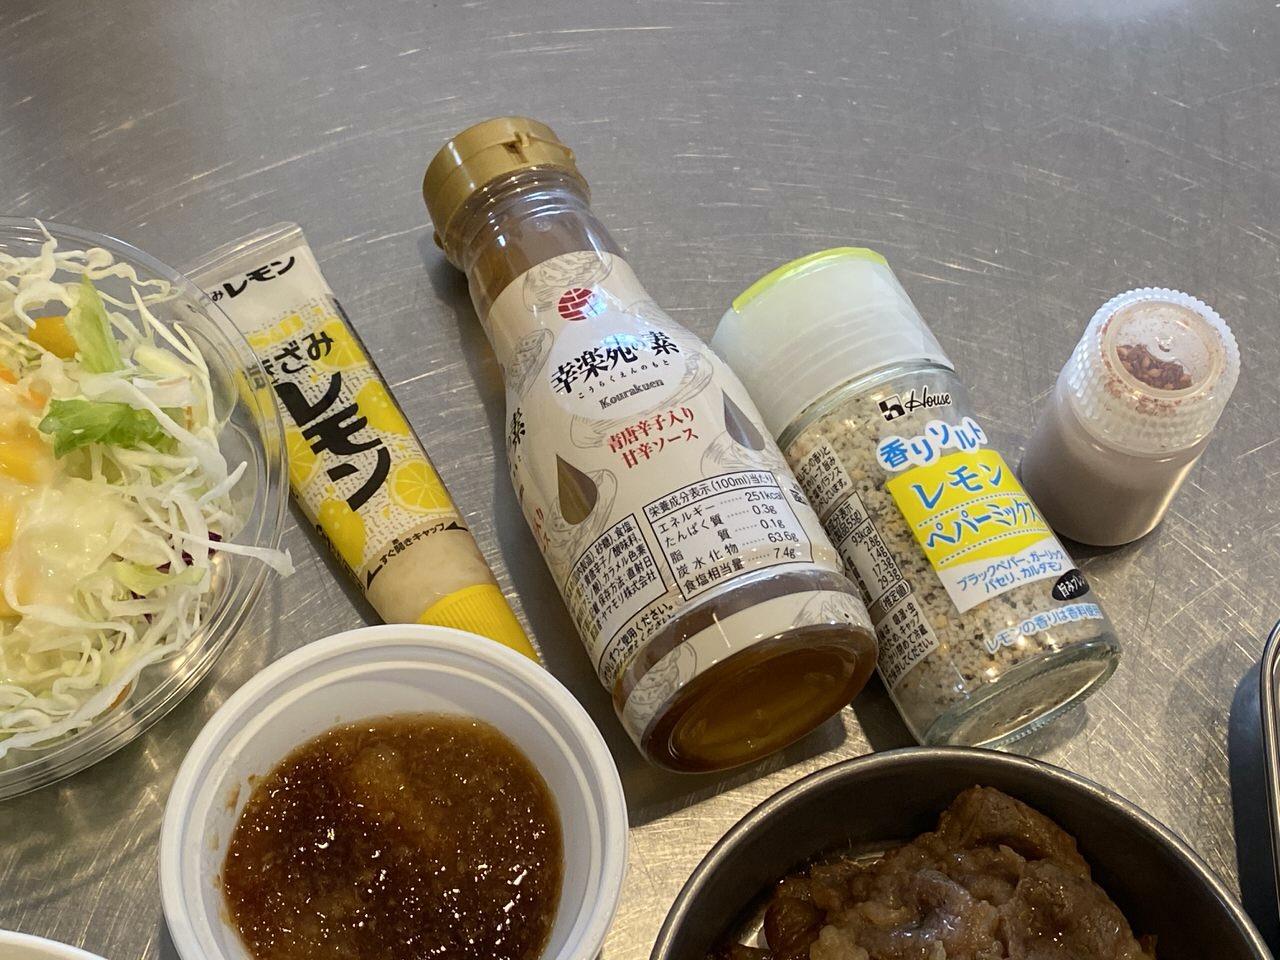 【松屋】カルビ焼肉33%増量は何グラム?8